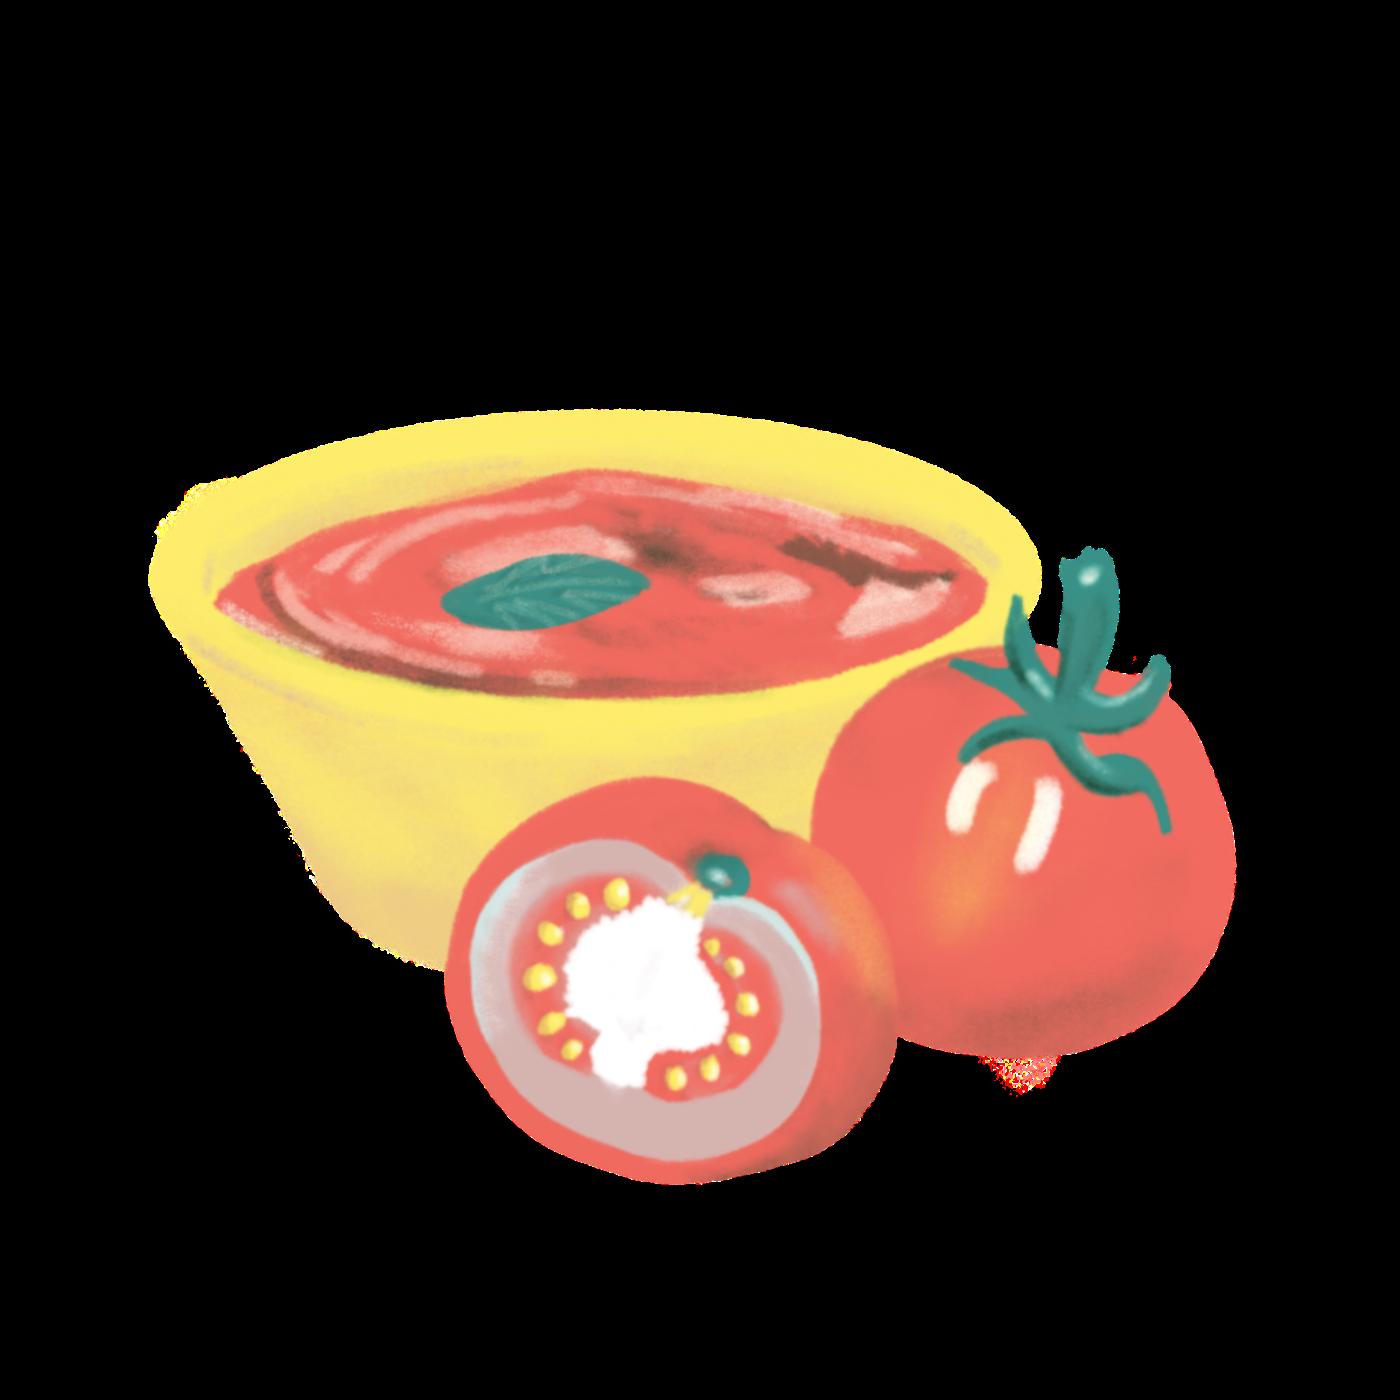 Tomato Sauce Illustration